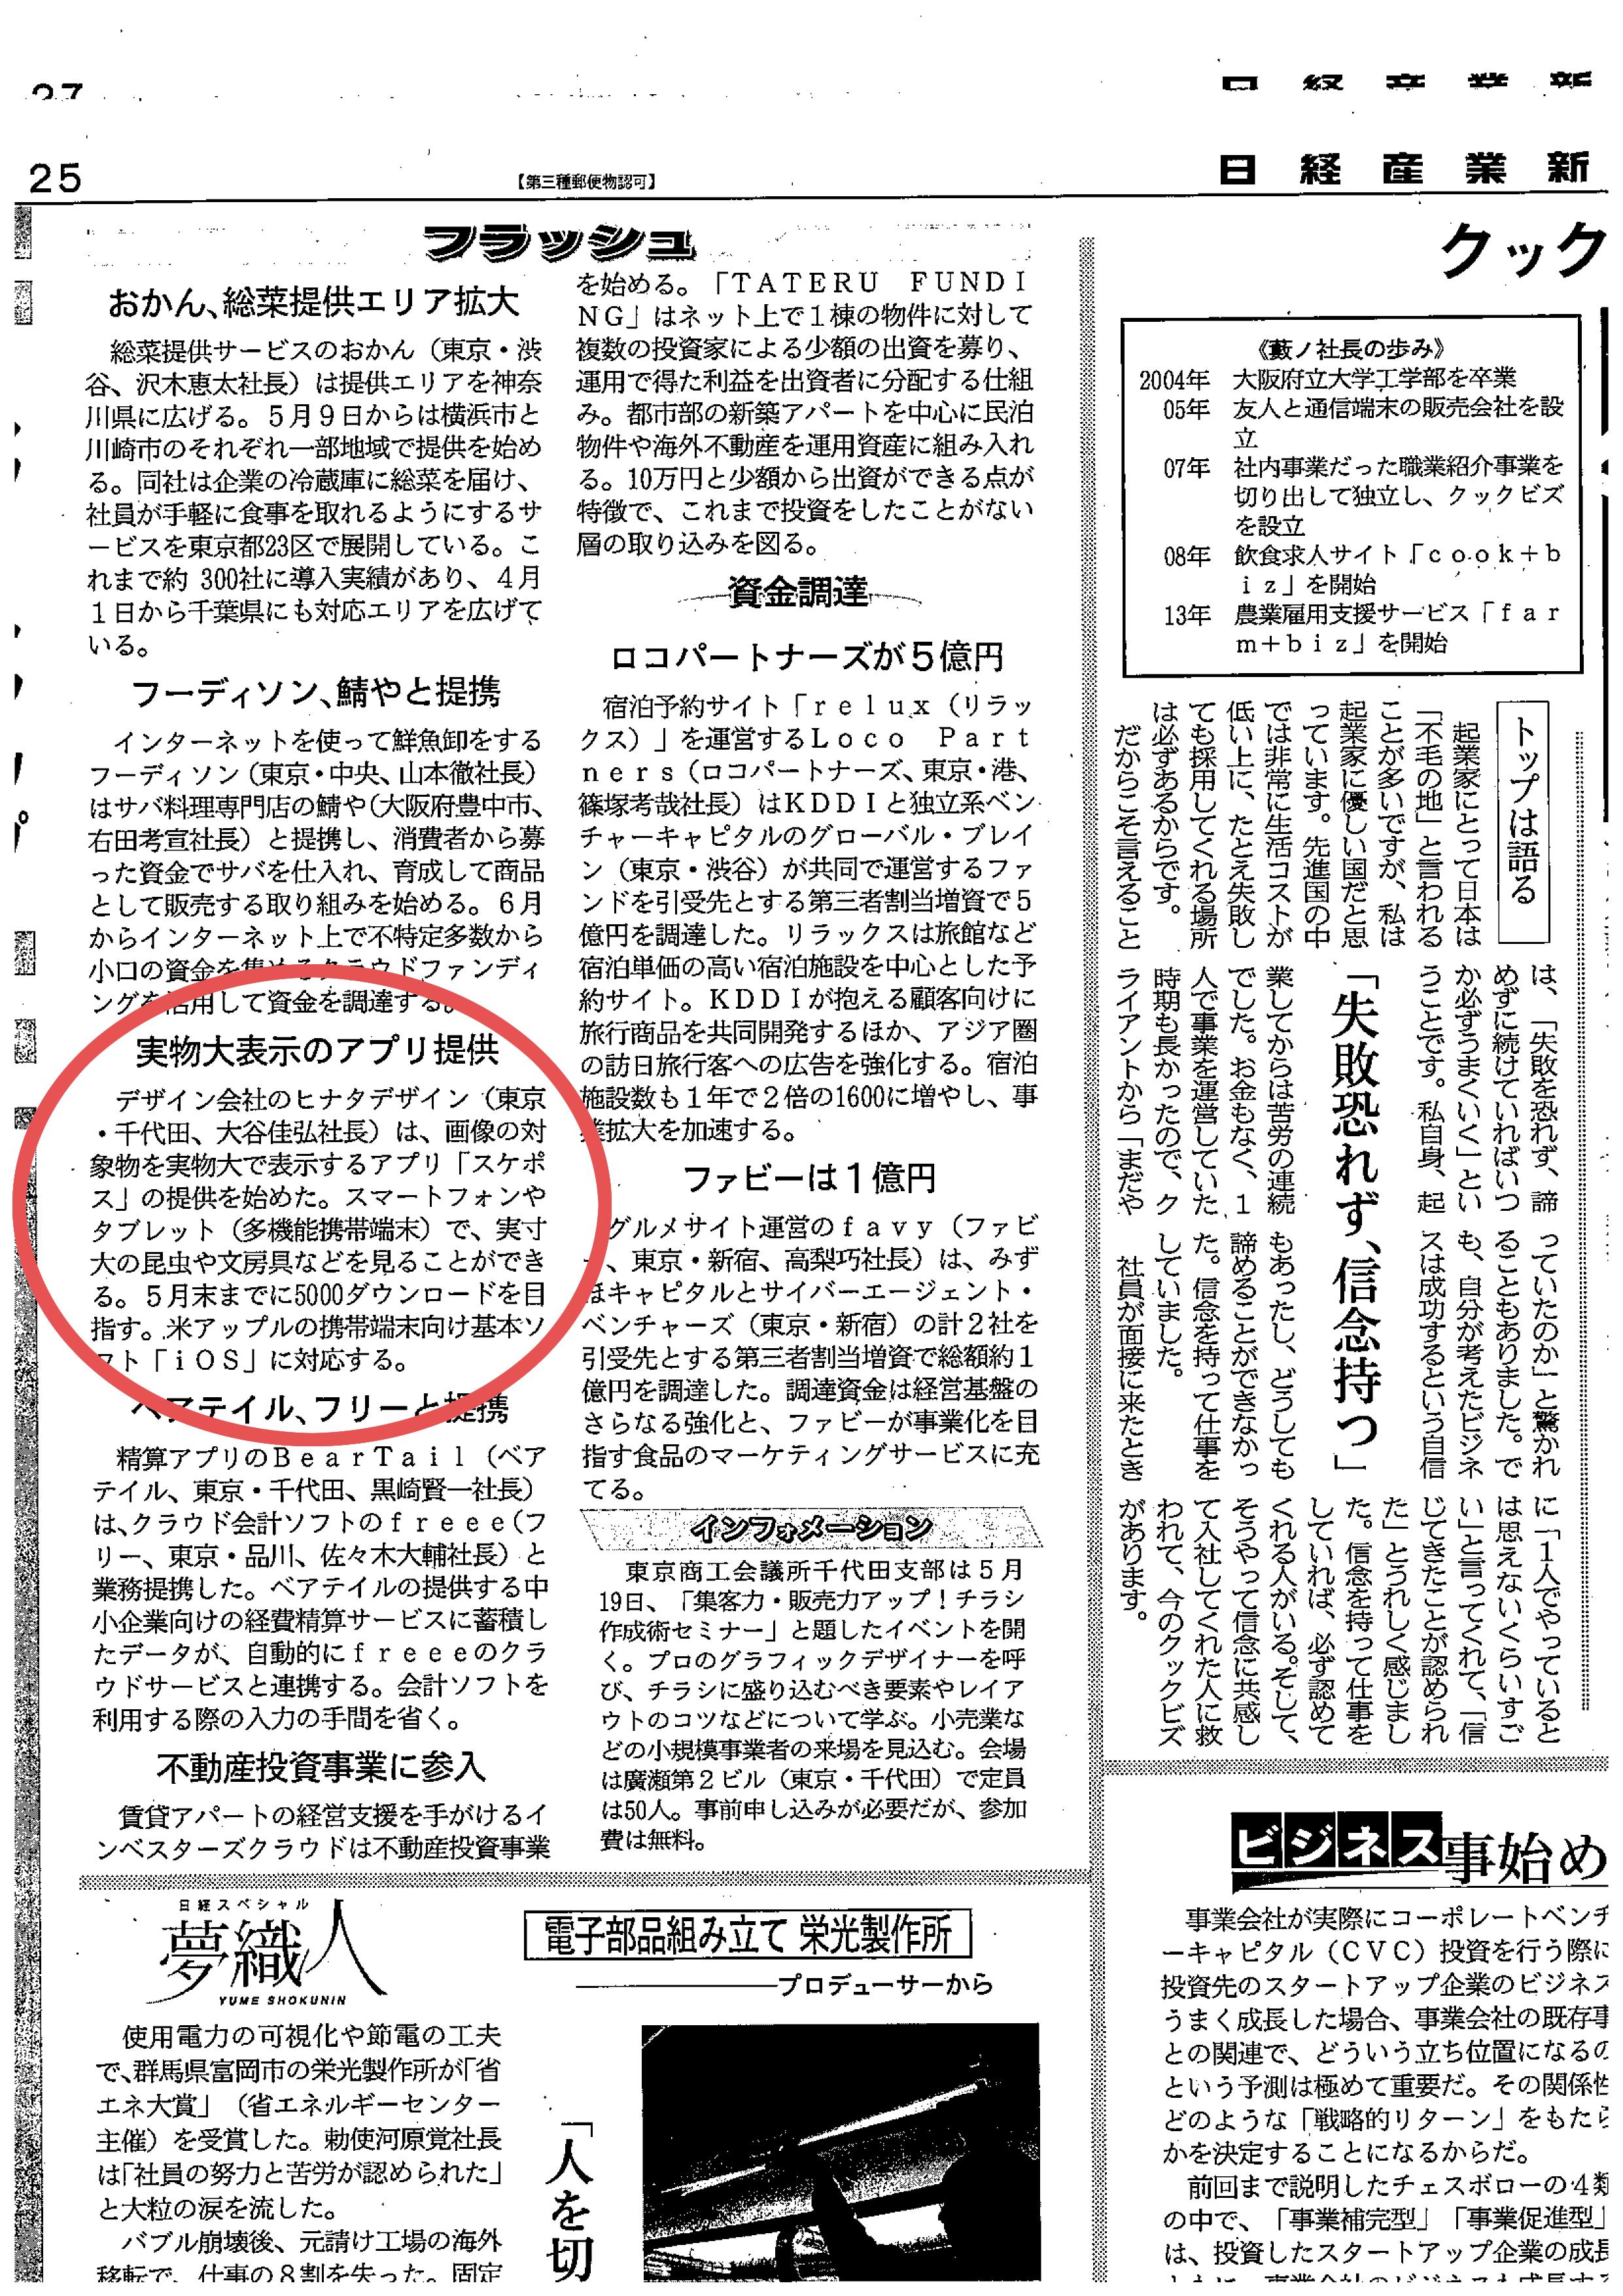 nikkei-sangyo_20160420